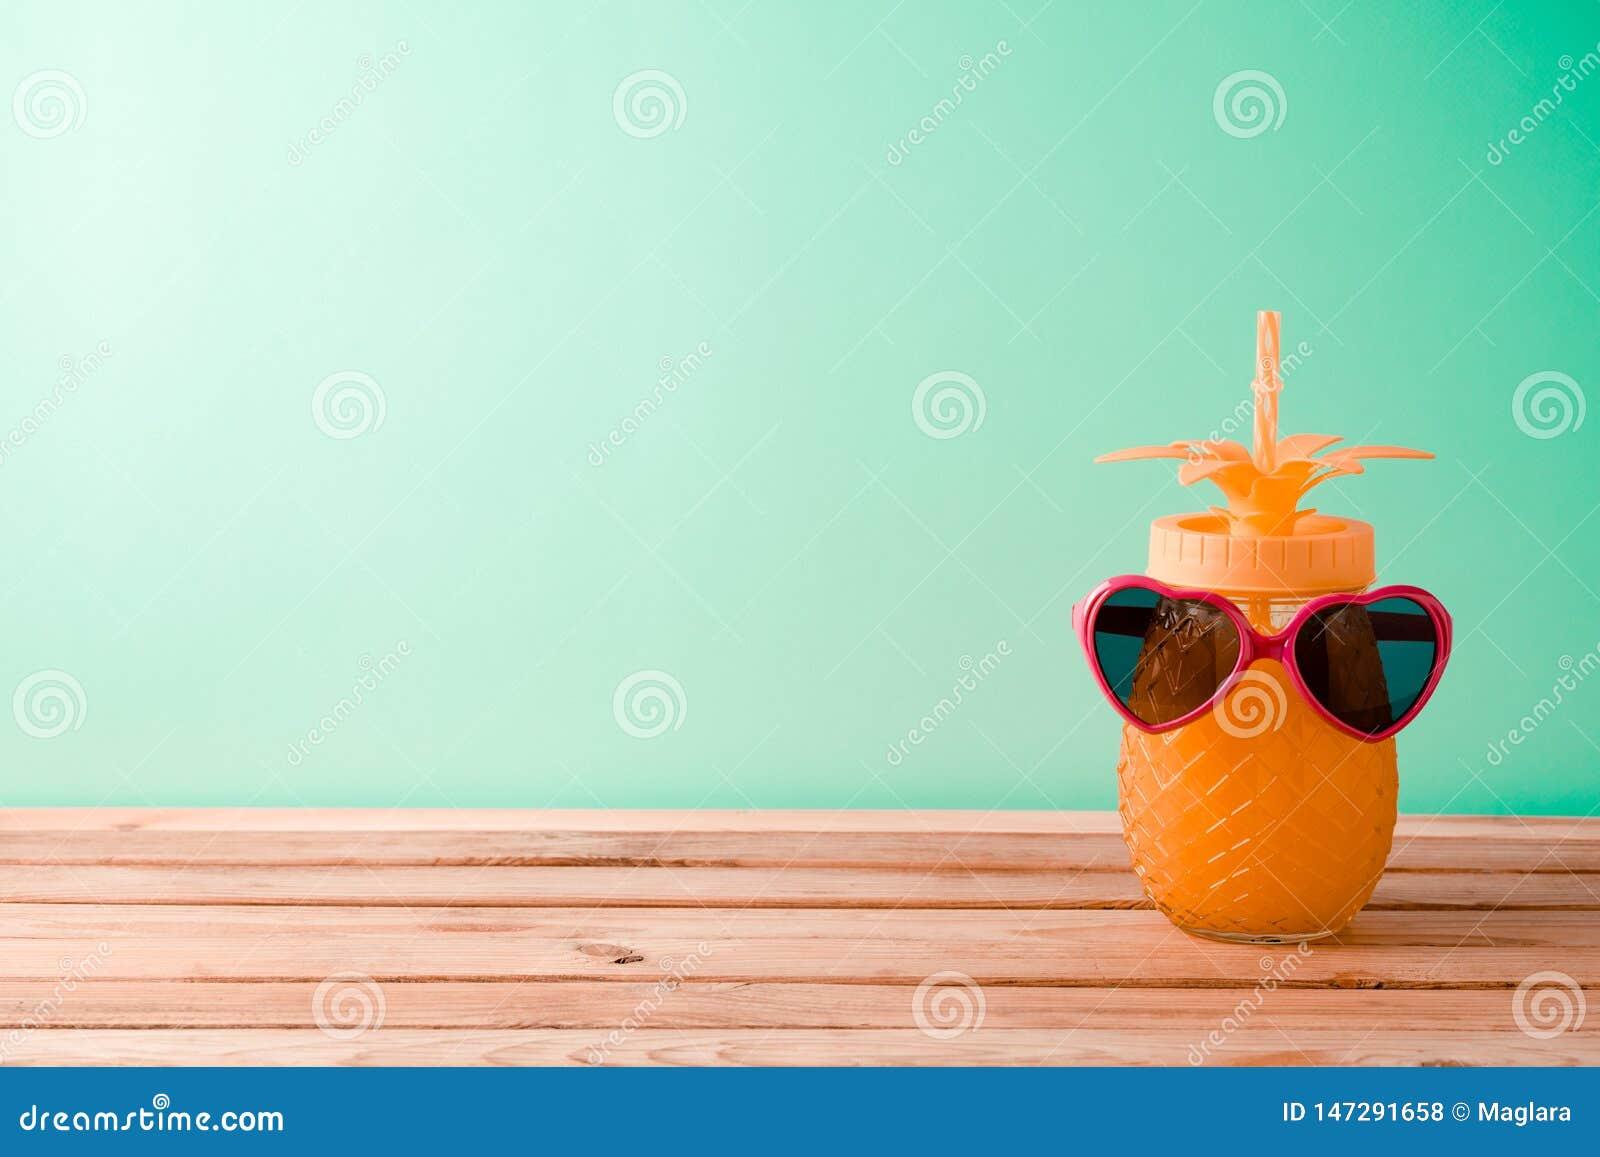 Wakacje tło z ślicznym ananasowym sokiem i okularami przeciwsłonecznymi na drewnianym stole